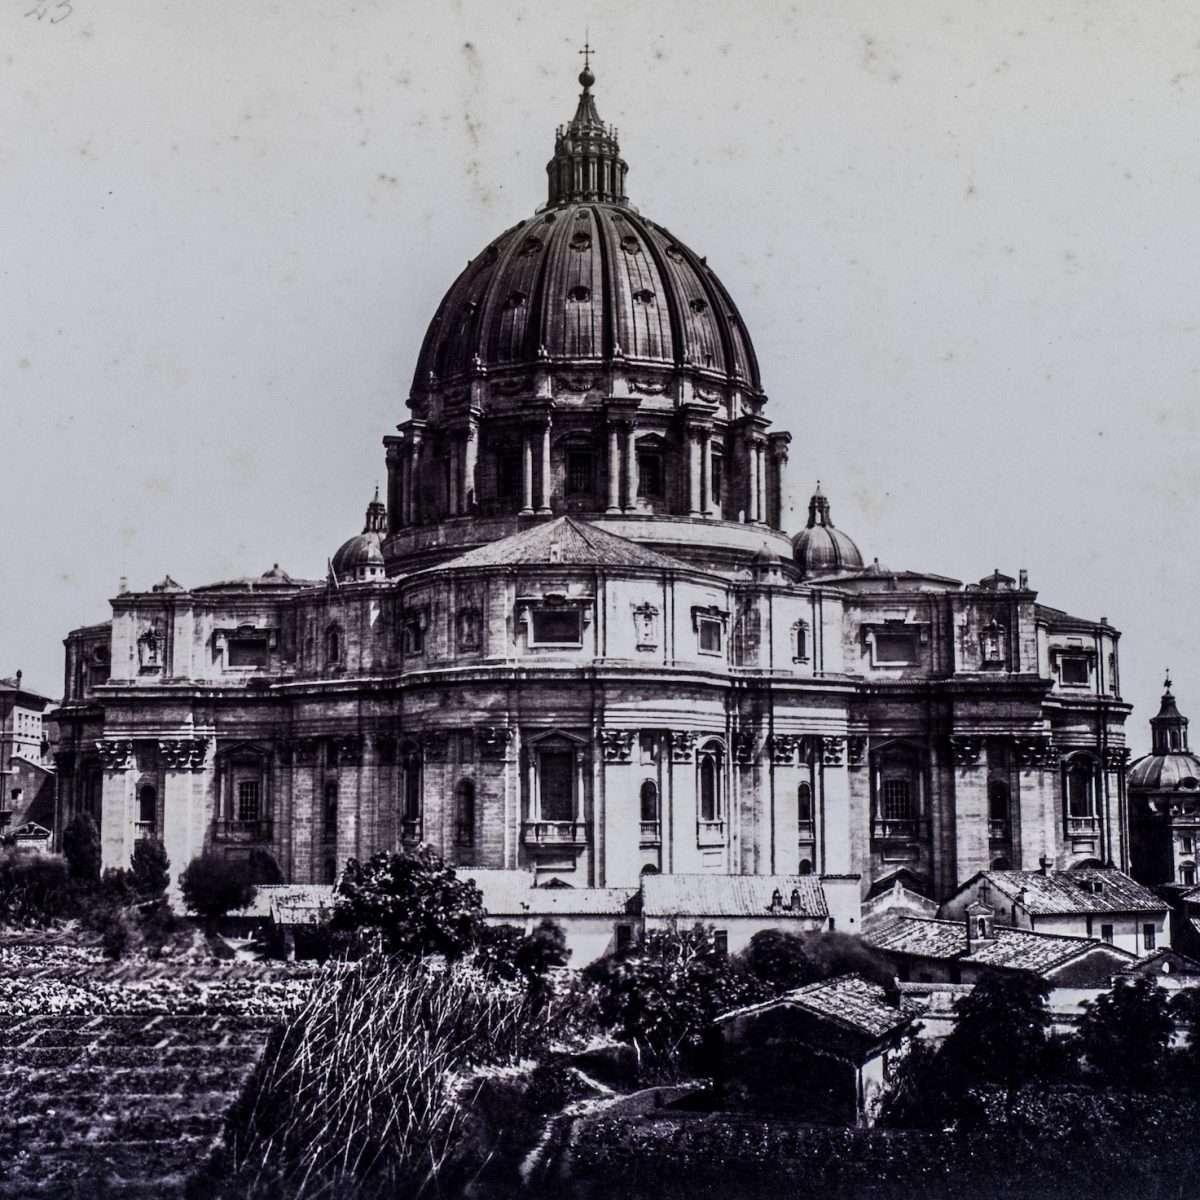 L-1090210 - Basilica di San Pietro